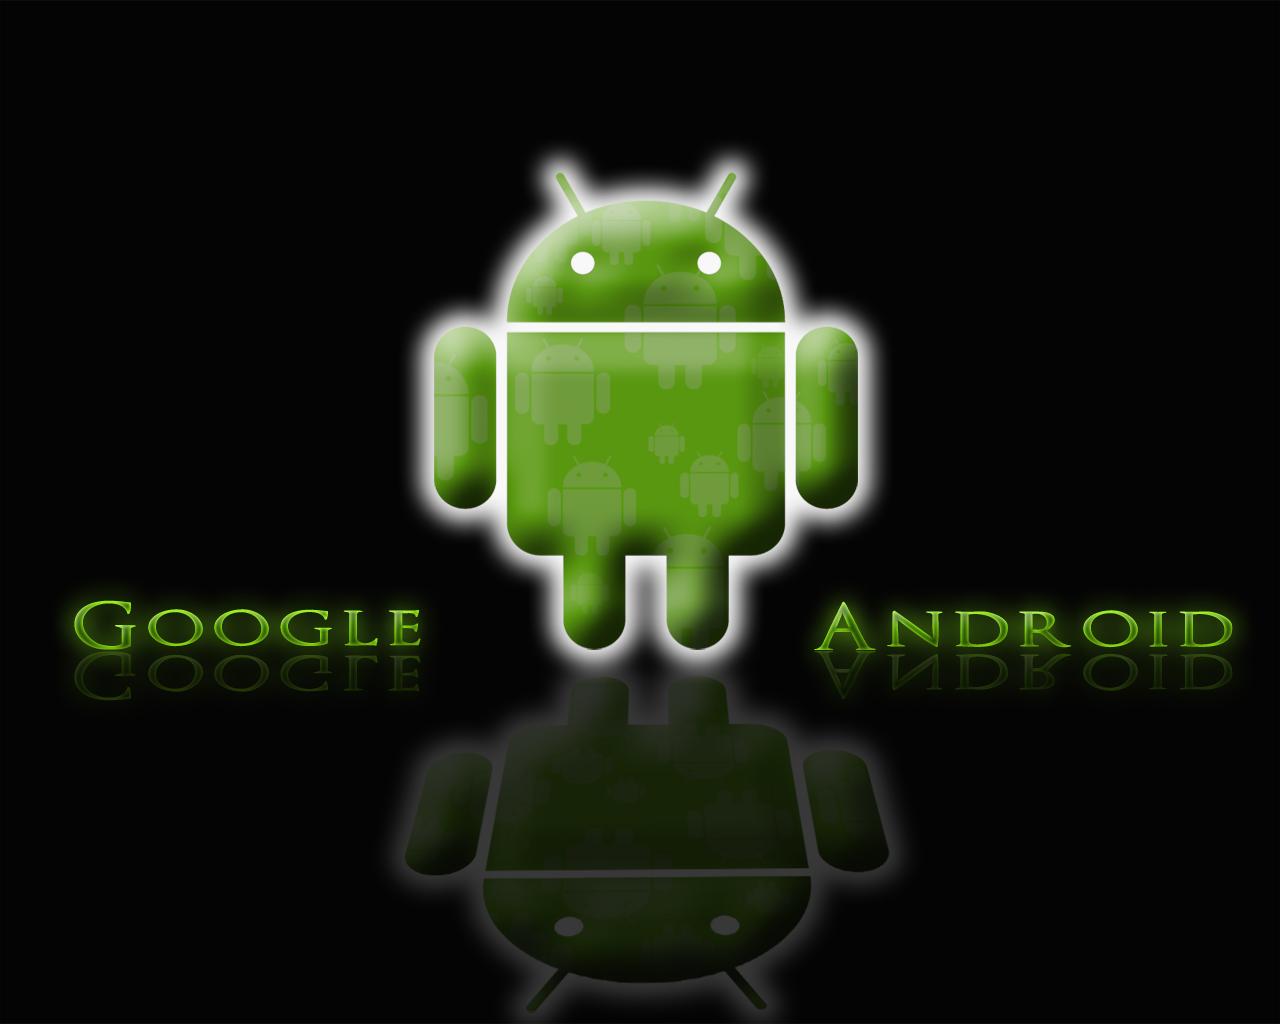 http://3.bp.blogspot.com/-DxDulZc-ONs/T2EbjWNGZEI/AAAAAAAAAGg/dQDn-99MLZw/s1600/google+andoid+wallpapers4.jpg